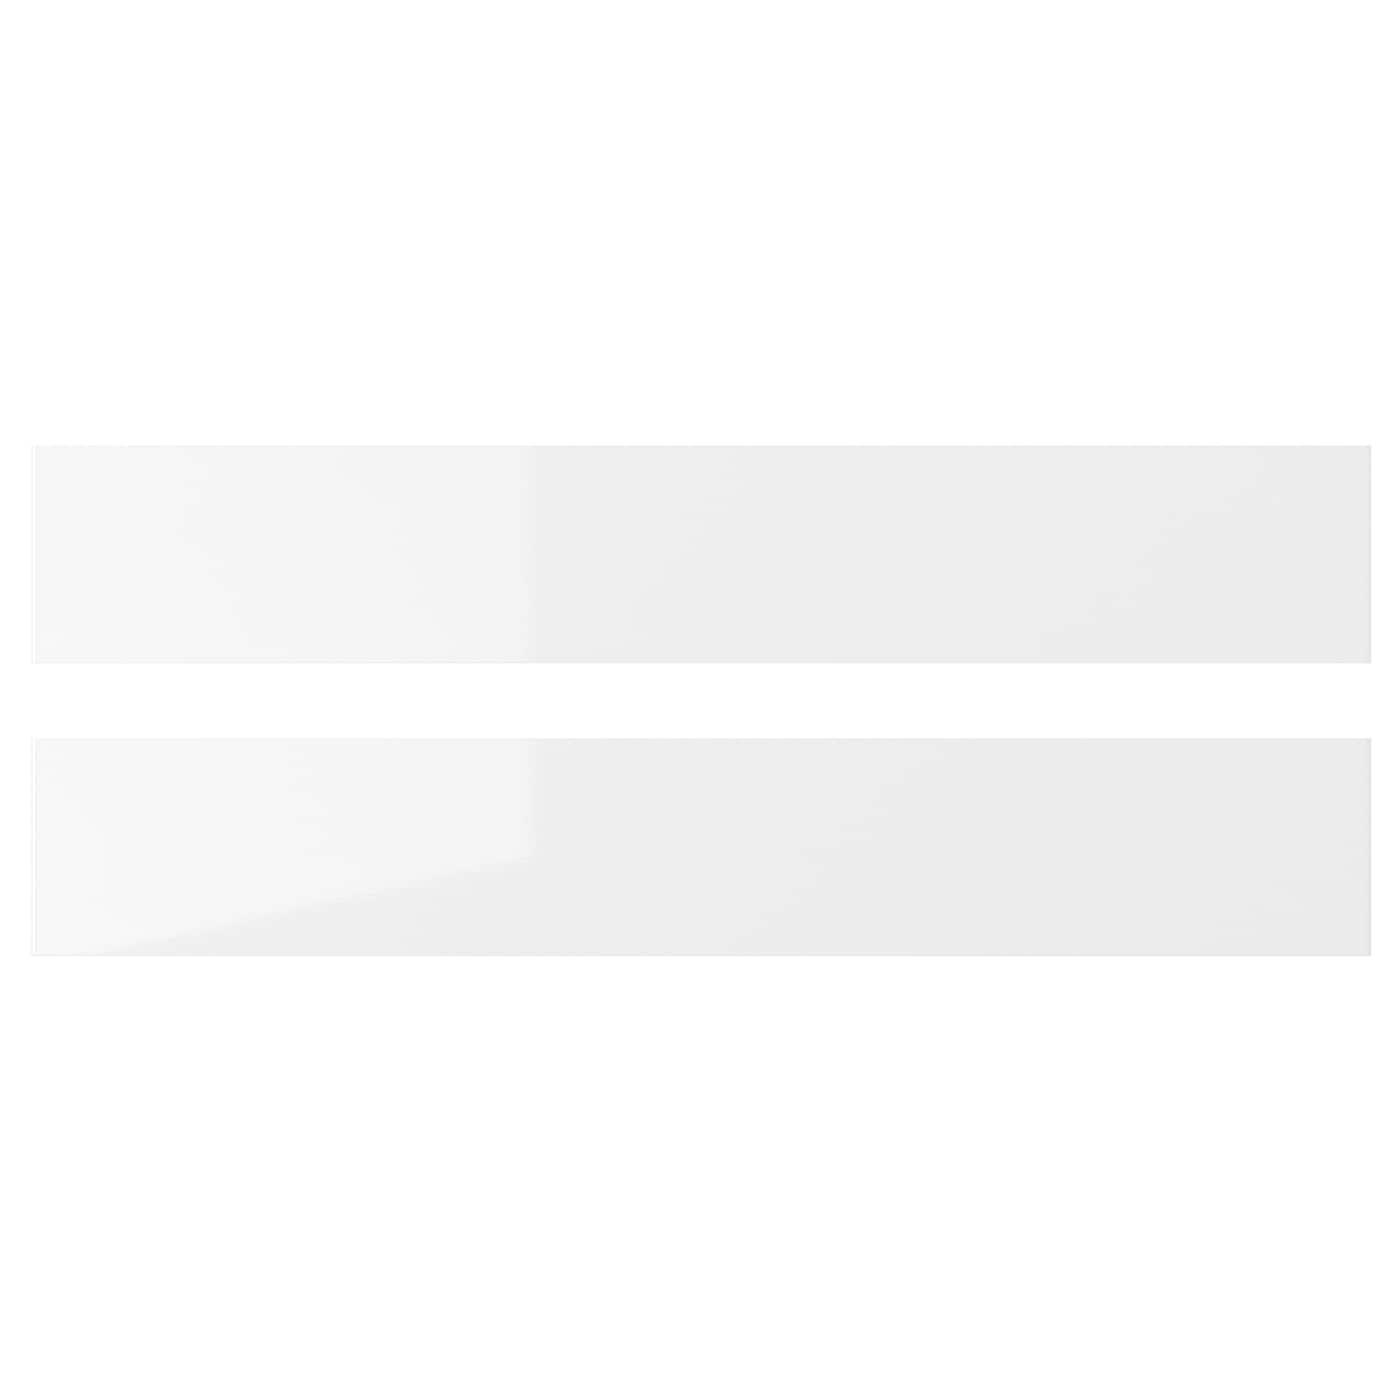 Ringhult Drawer Front High Gloss White 60 X 40 Cm: RINGHULT Drawer Front High-gloss White 60 X 10 Cm